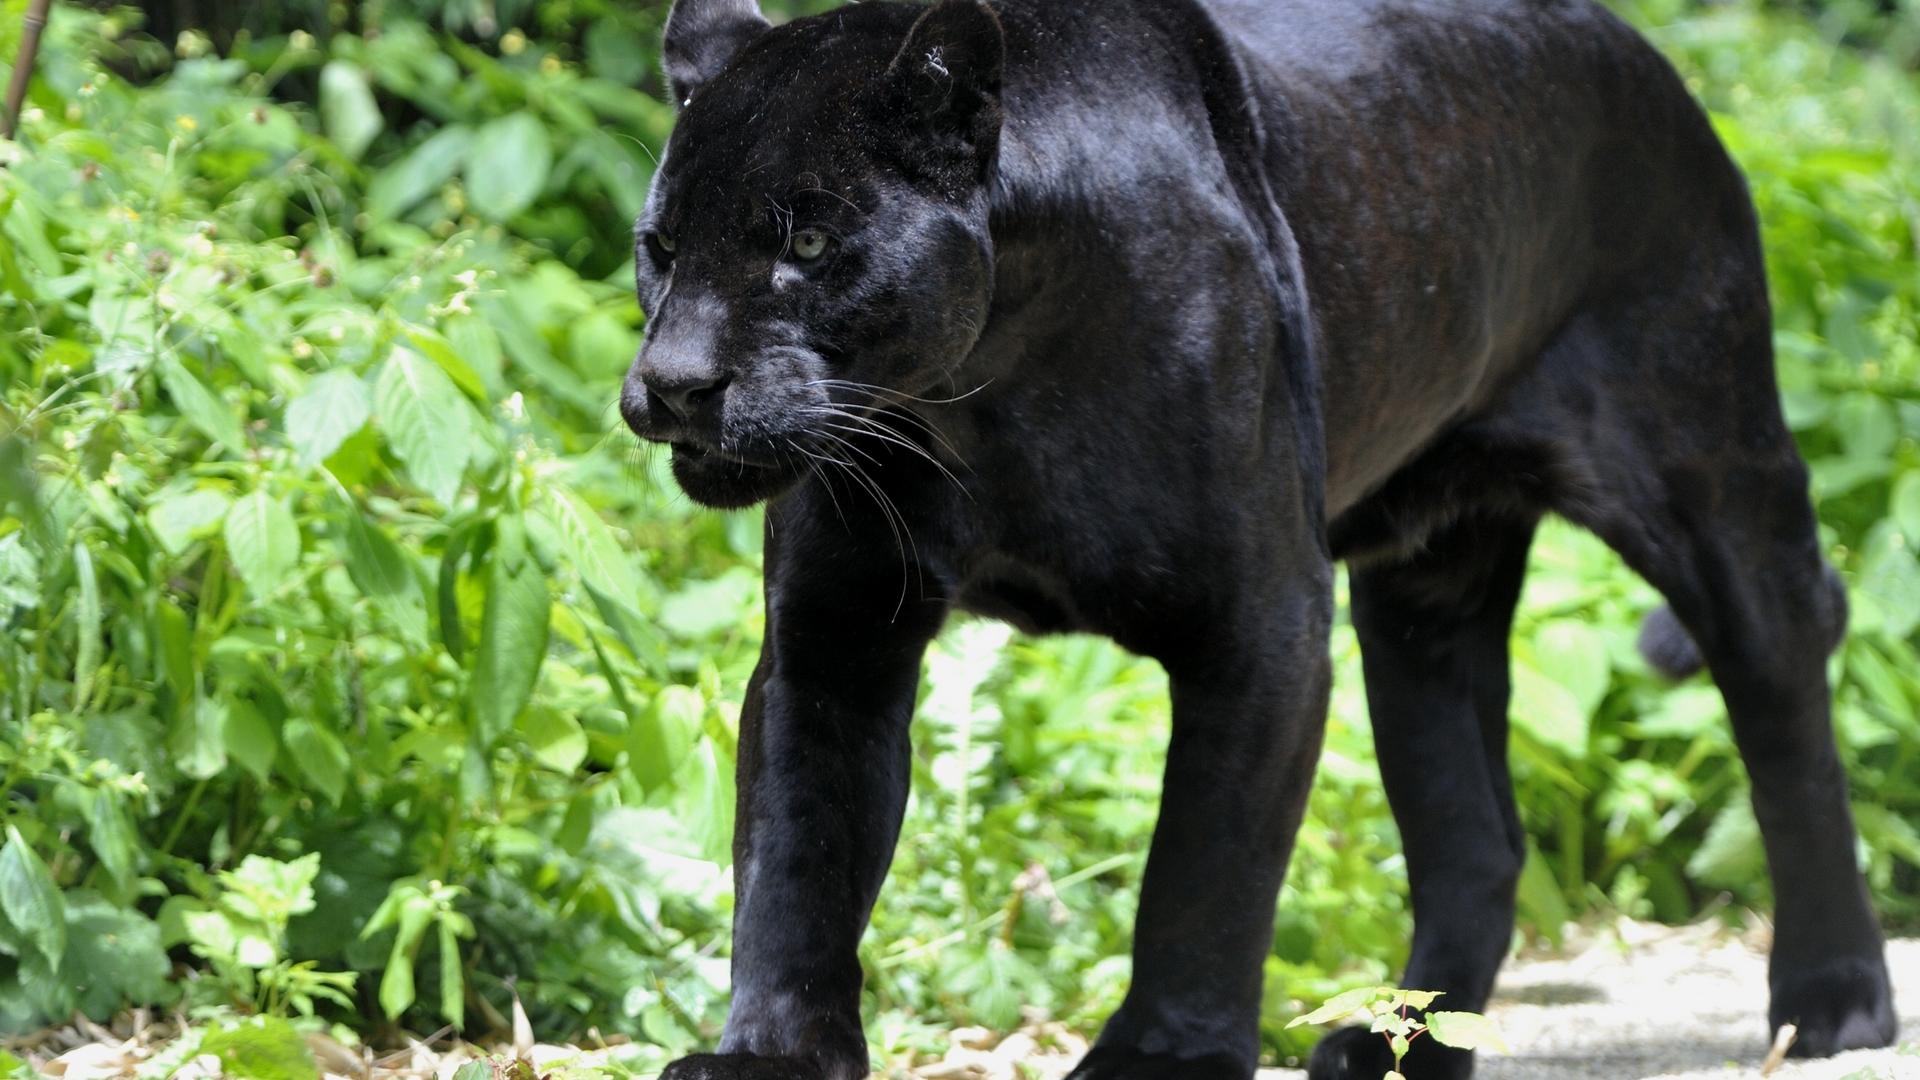 Black Panther Animal Wallpaper 752742 Black Panther Wallpaper 1920x1080